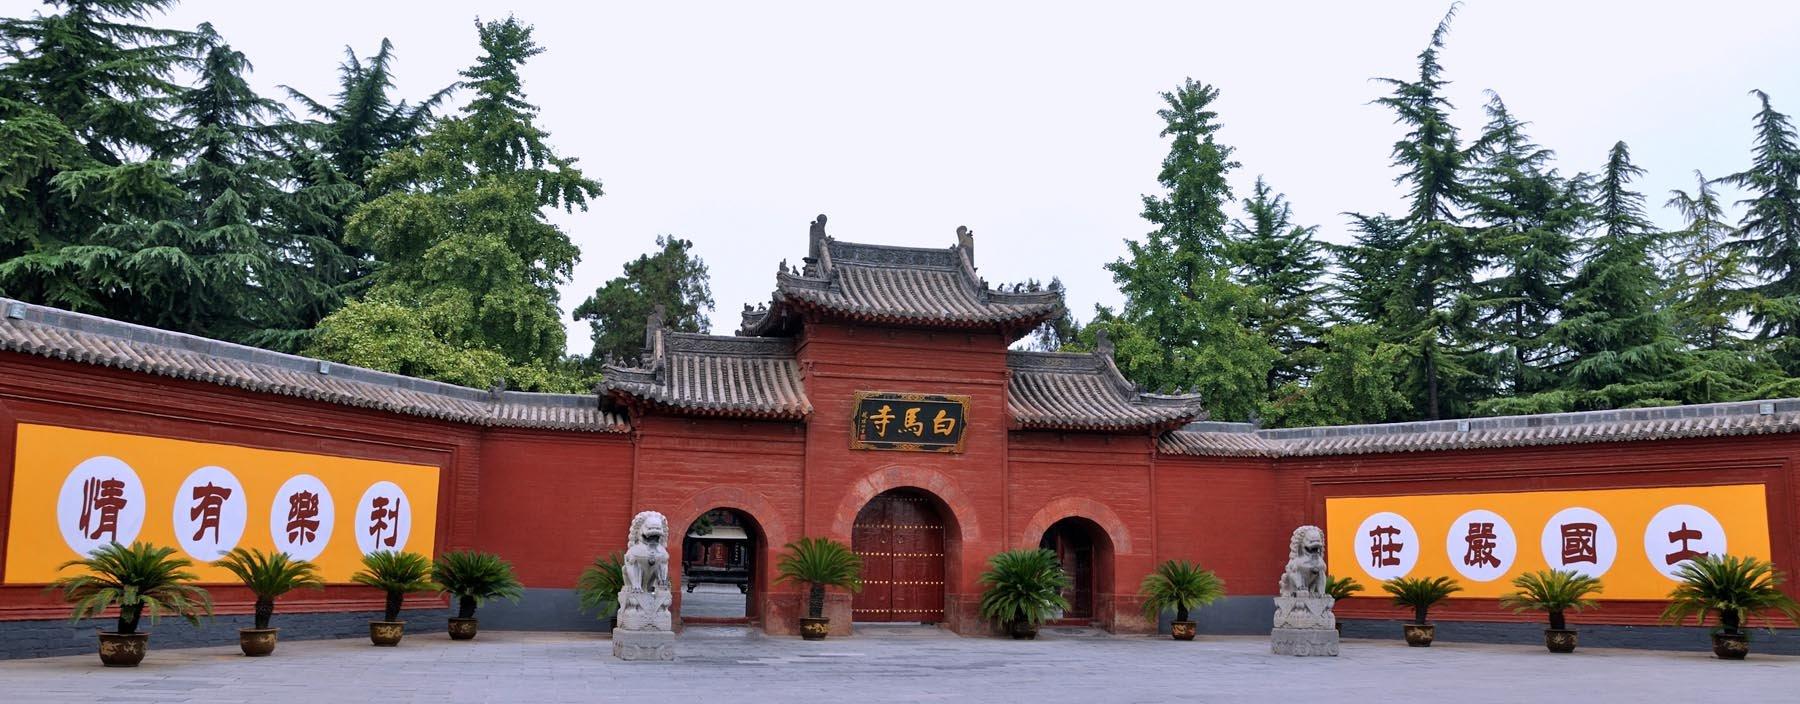 cn, luoyang, baima tempel (2).jpg